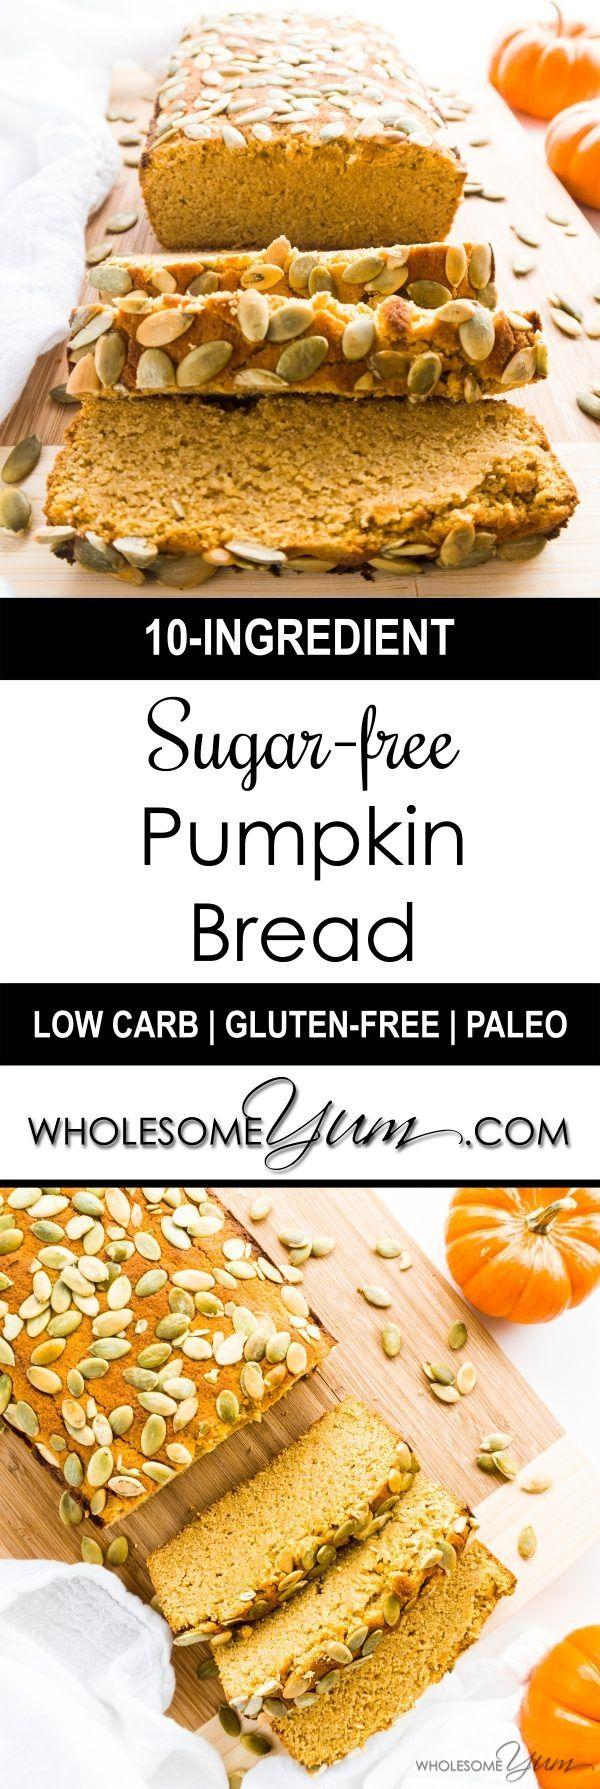 free Pumpkin Bread (Low Carb, Paleo) - This ultra moist pumpkin bread ...